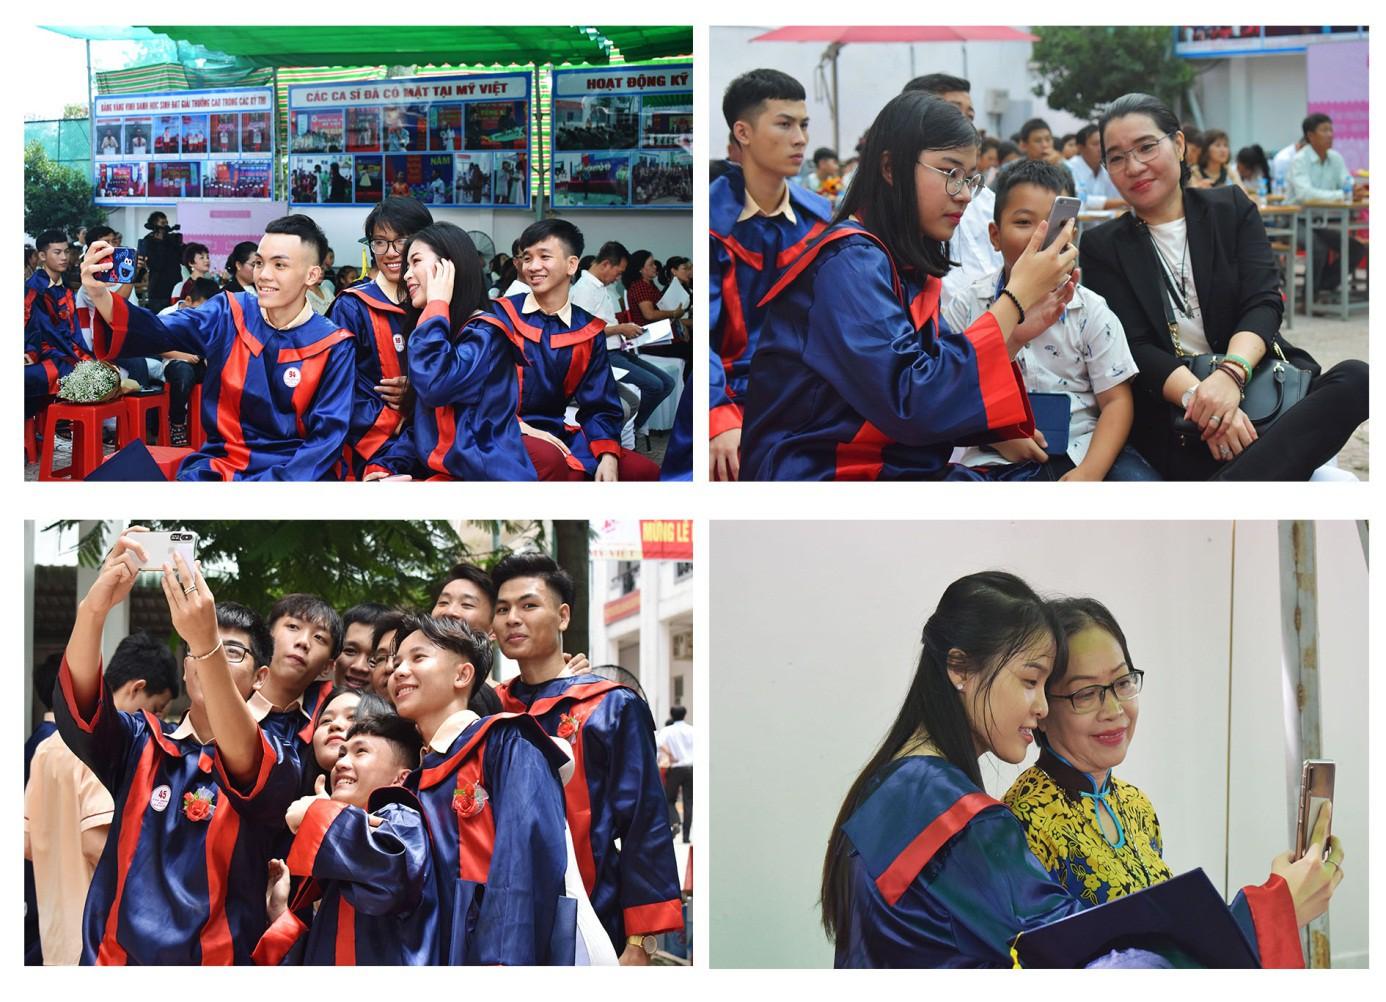 Nước mắt xen lẫn niềm vui trong lễ tri ân và trưởng thành của teen Mỹ Việt - Ảnh 2.